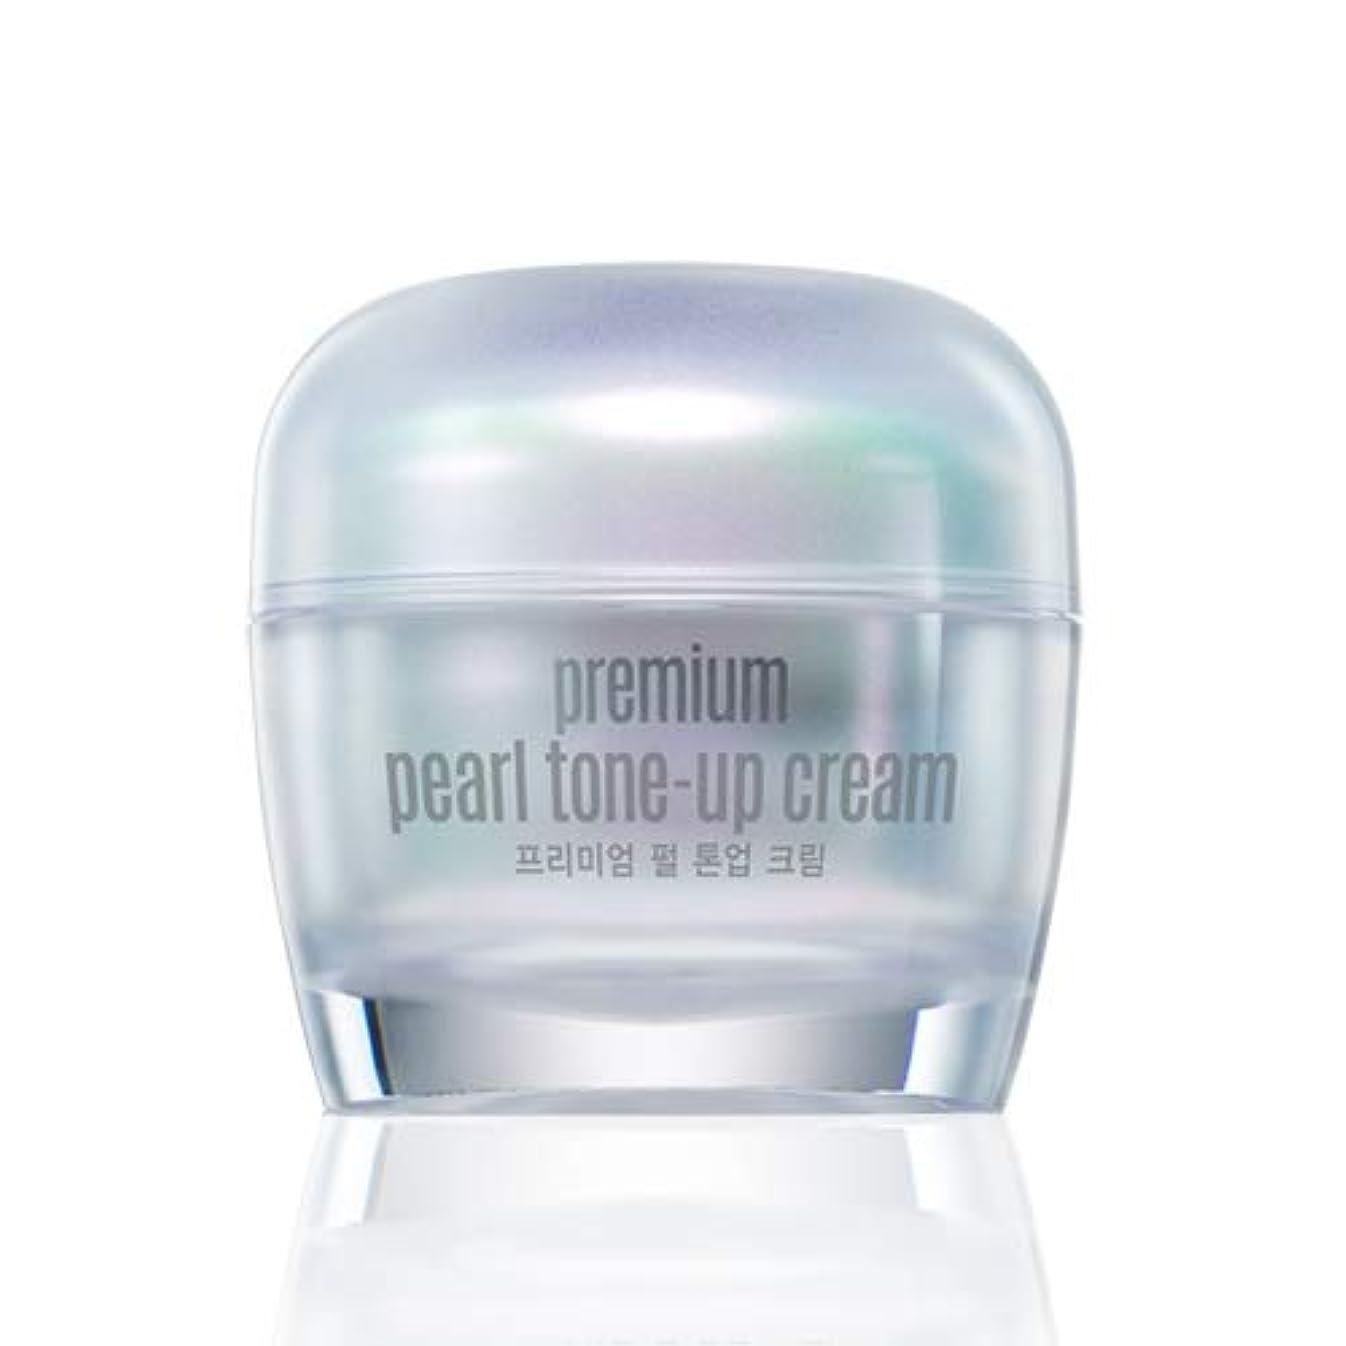 水没文デモンストレーショングーダル プレミアム パール トーンアップ クリーム50ml Goodal Premium Pearl Tone-up Cream [並行輸入品]